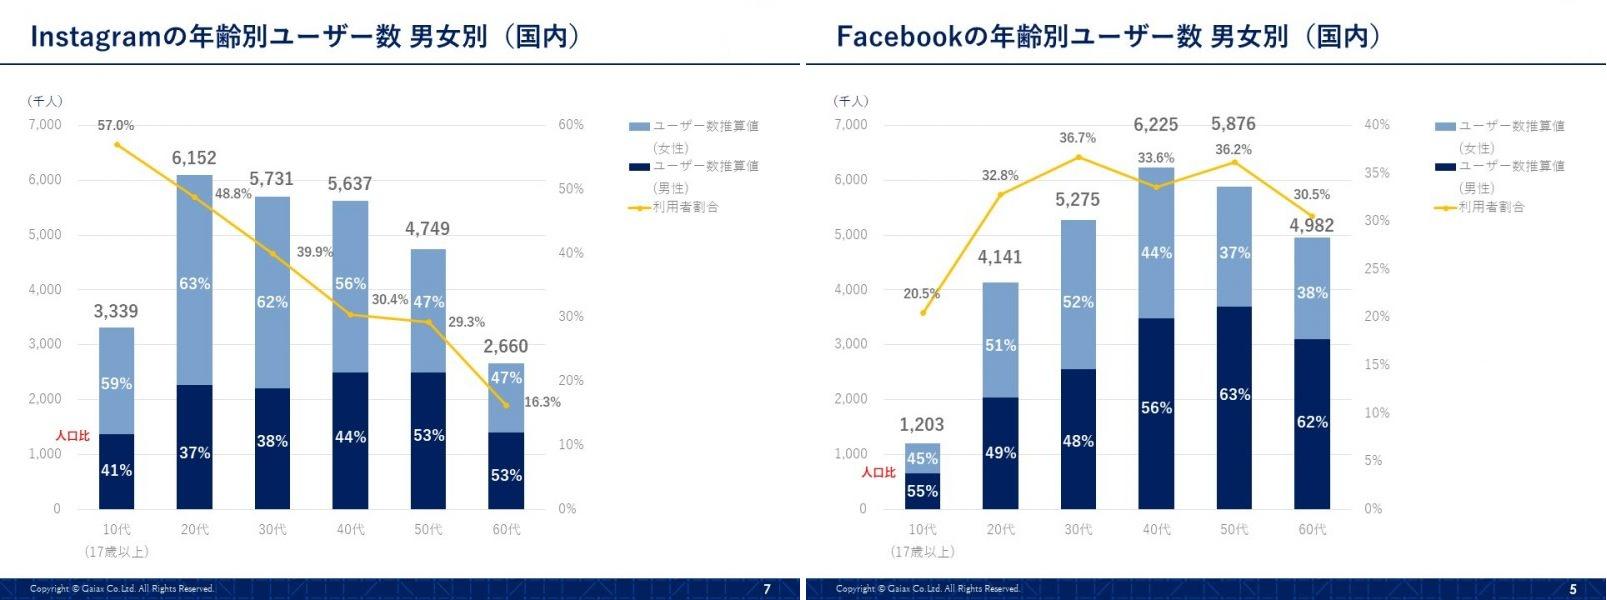 インスタグラムとFacebookの連携の画像